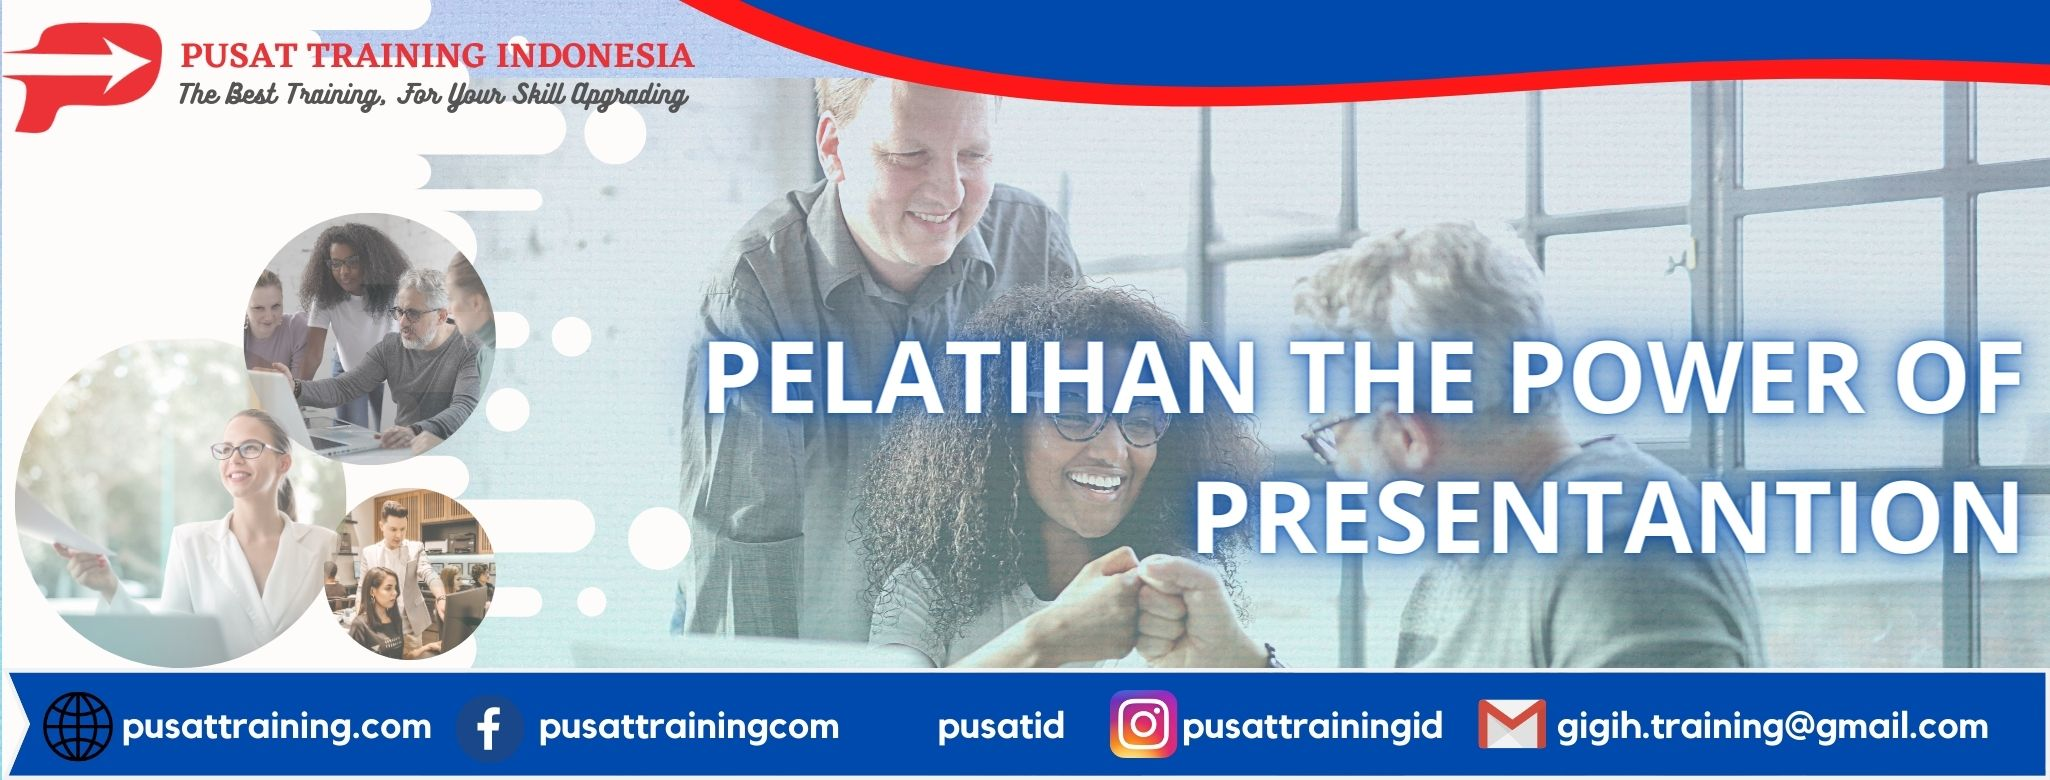 pelatihan-the-power-of-presentation